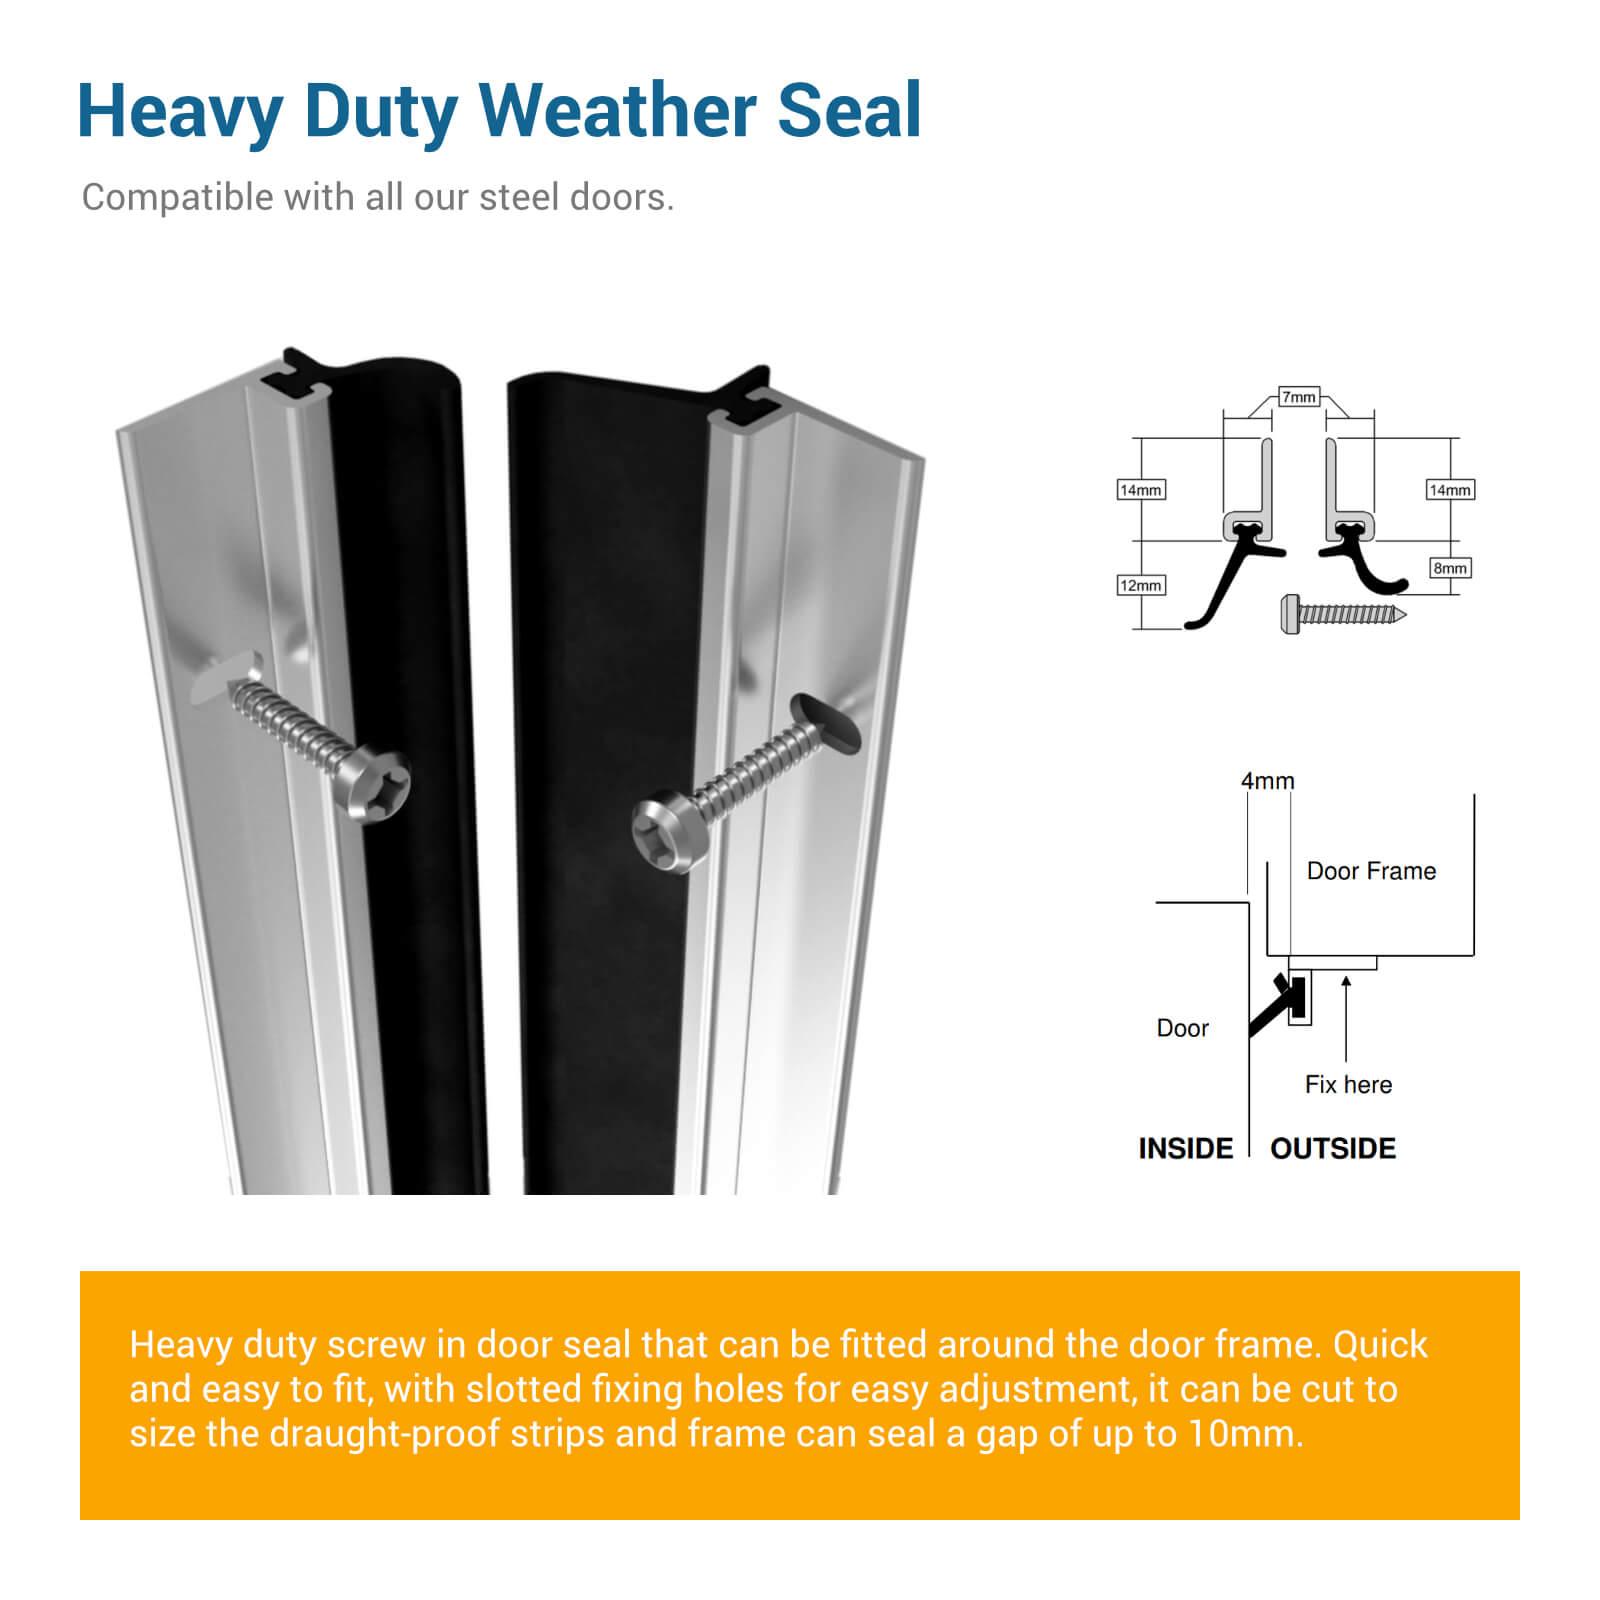 heavy duty weather seal